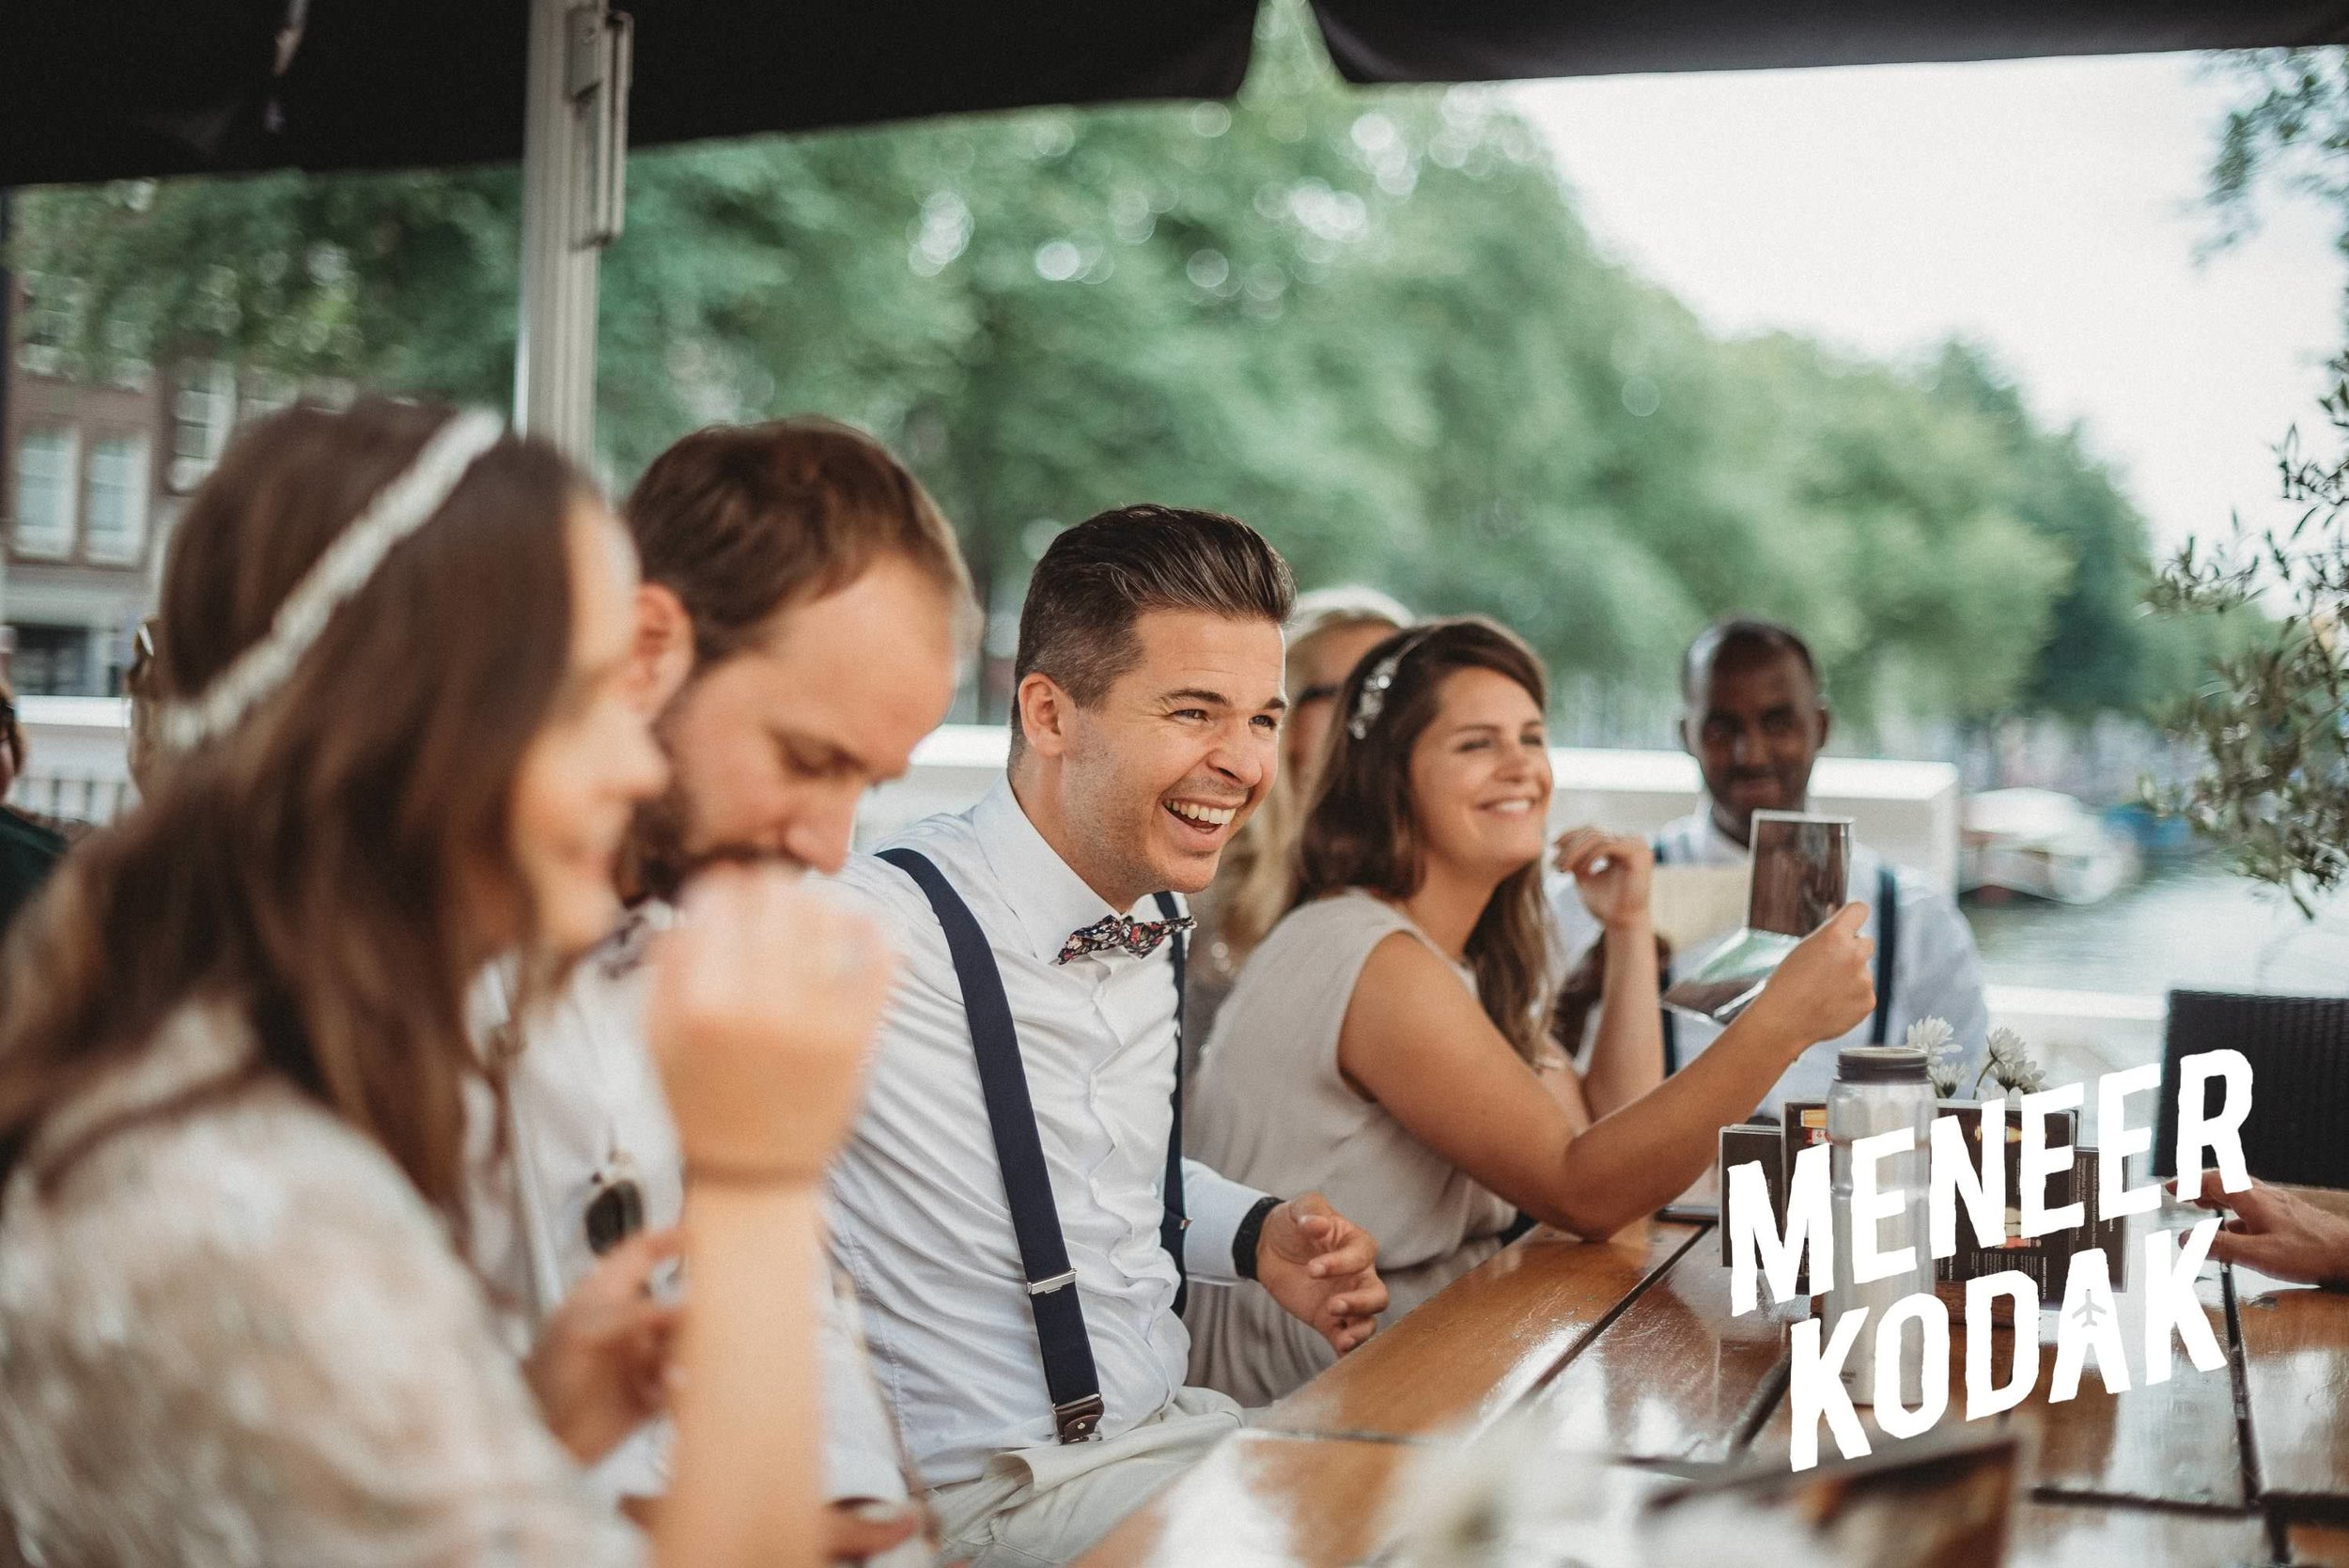 Meneer Kodak - Trouwfotograaf - Amsterdam - H&T-042.jpg